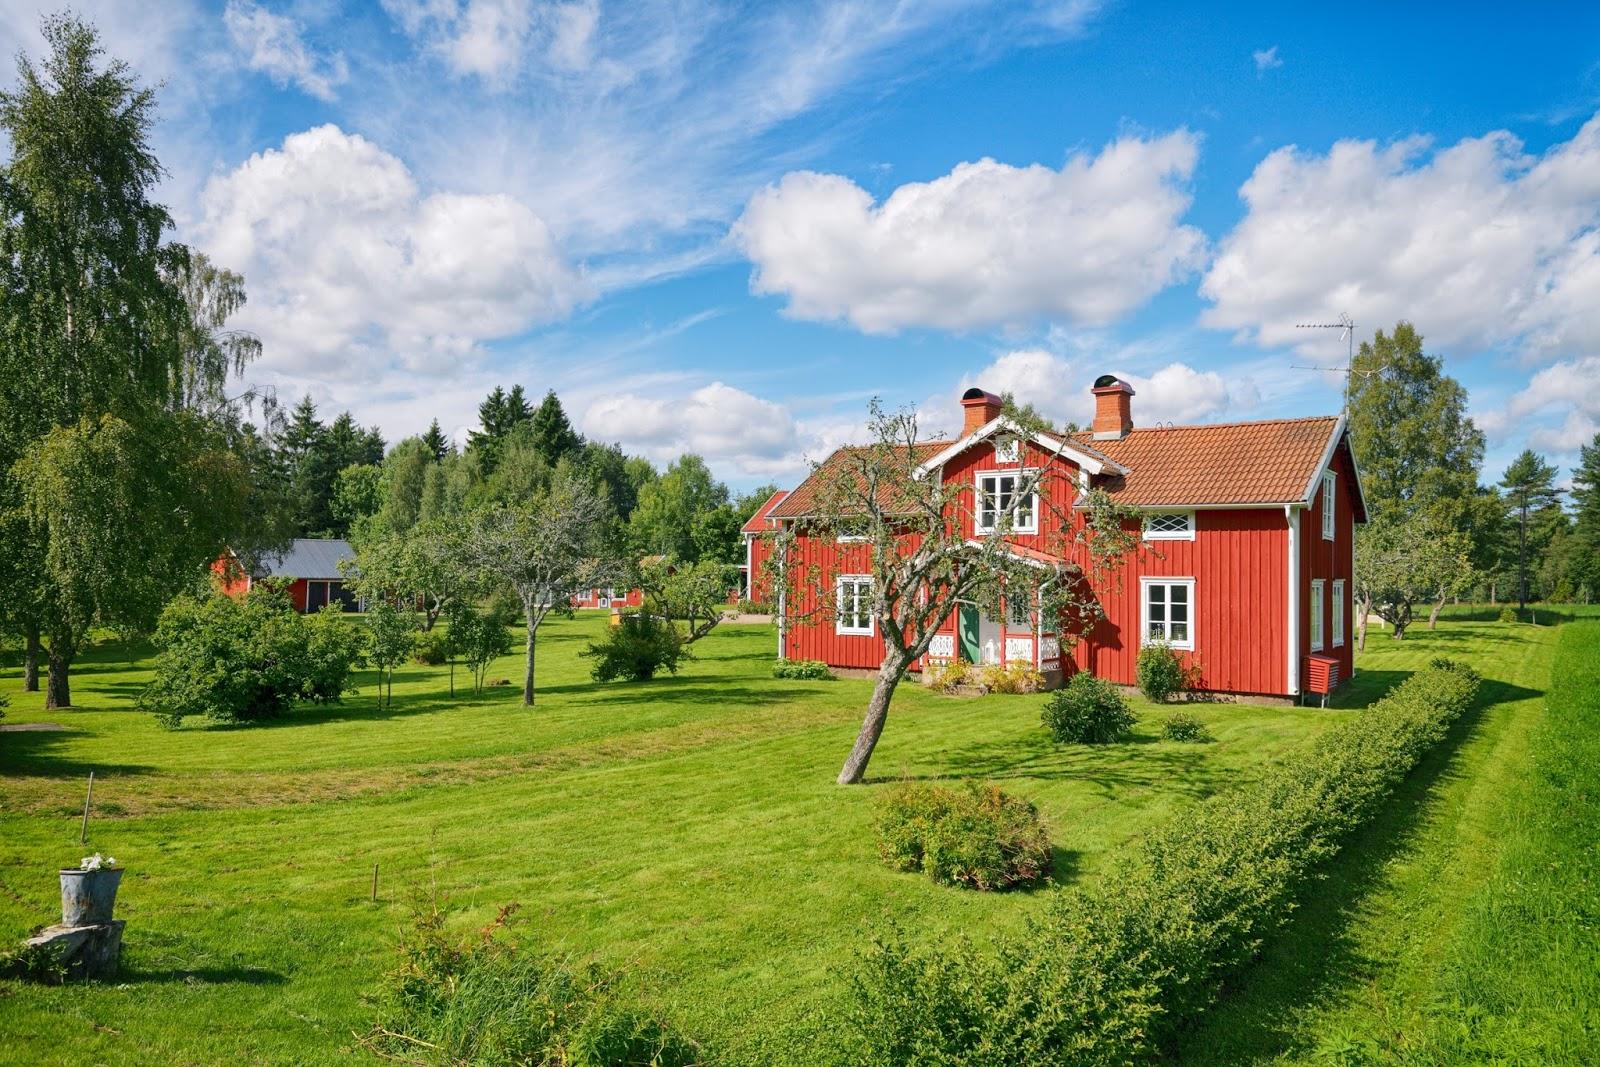 Banco de im genes 16 fotos de casas confortables y for Casas con jardines bonitos